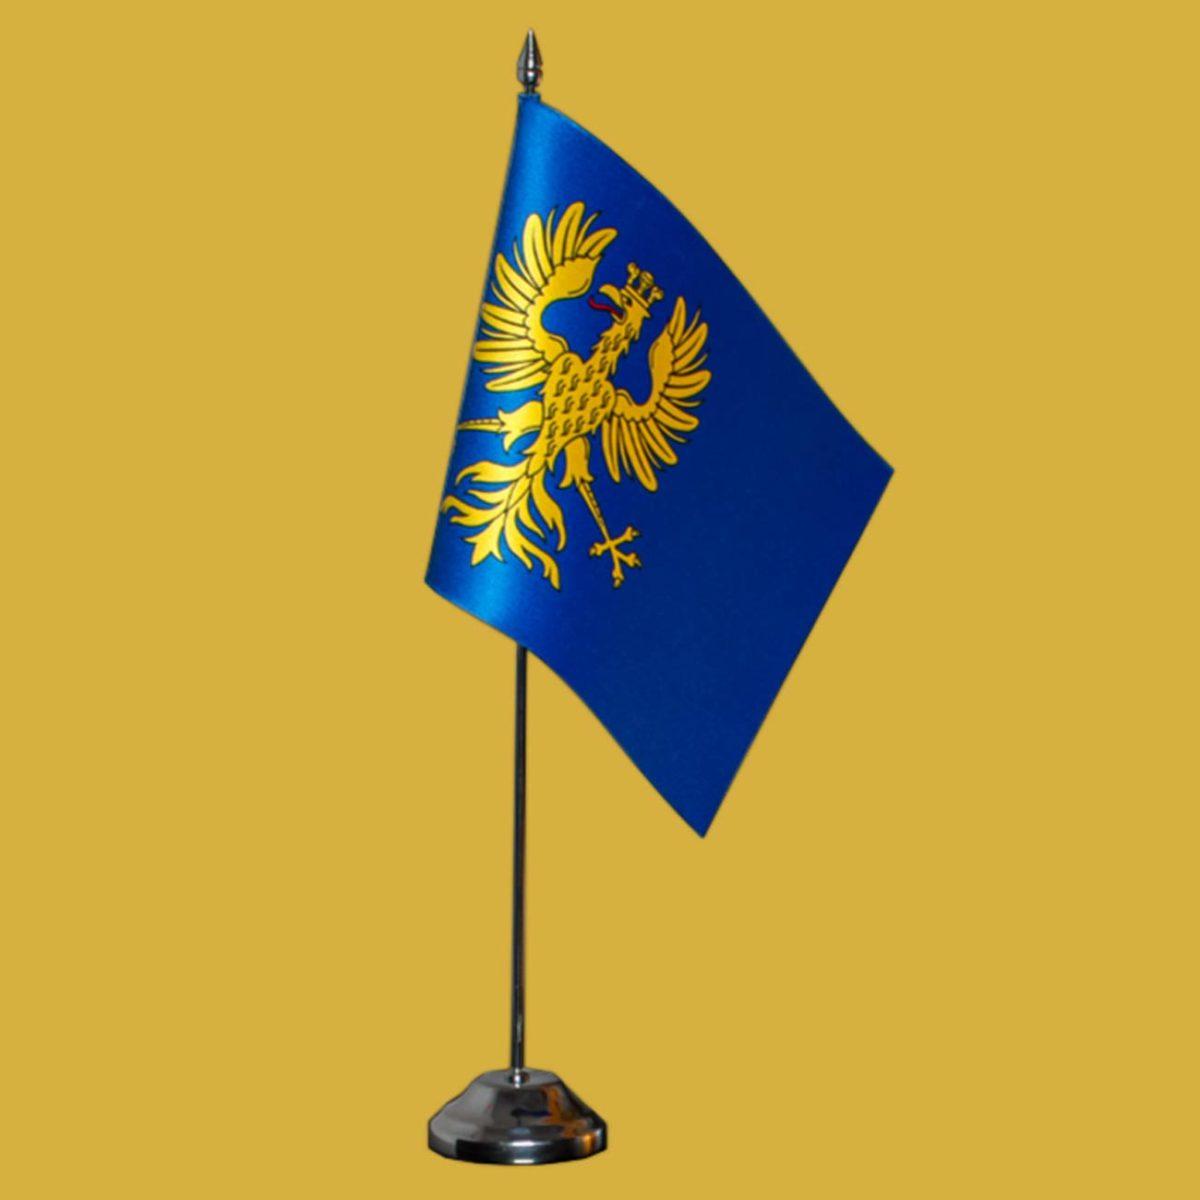 (Polski) Biurkowa satynowa flaga Księstwa Cieszyńskiego